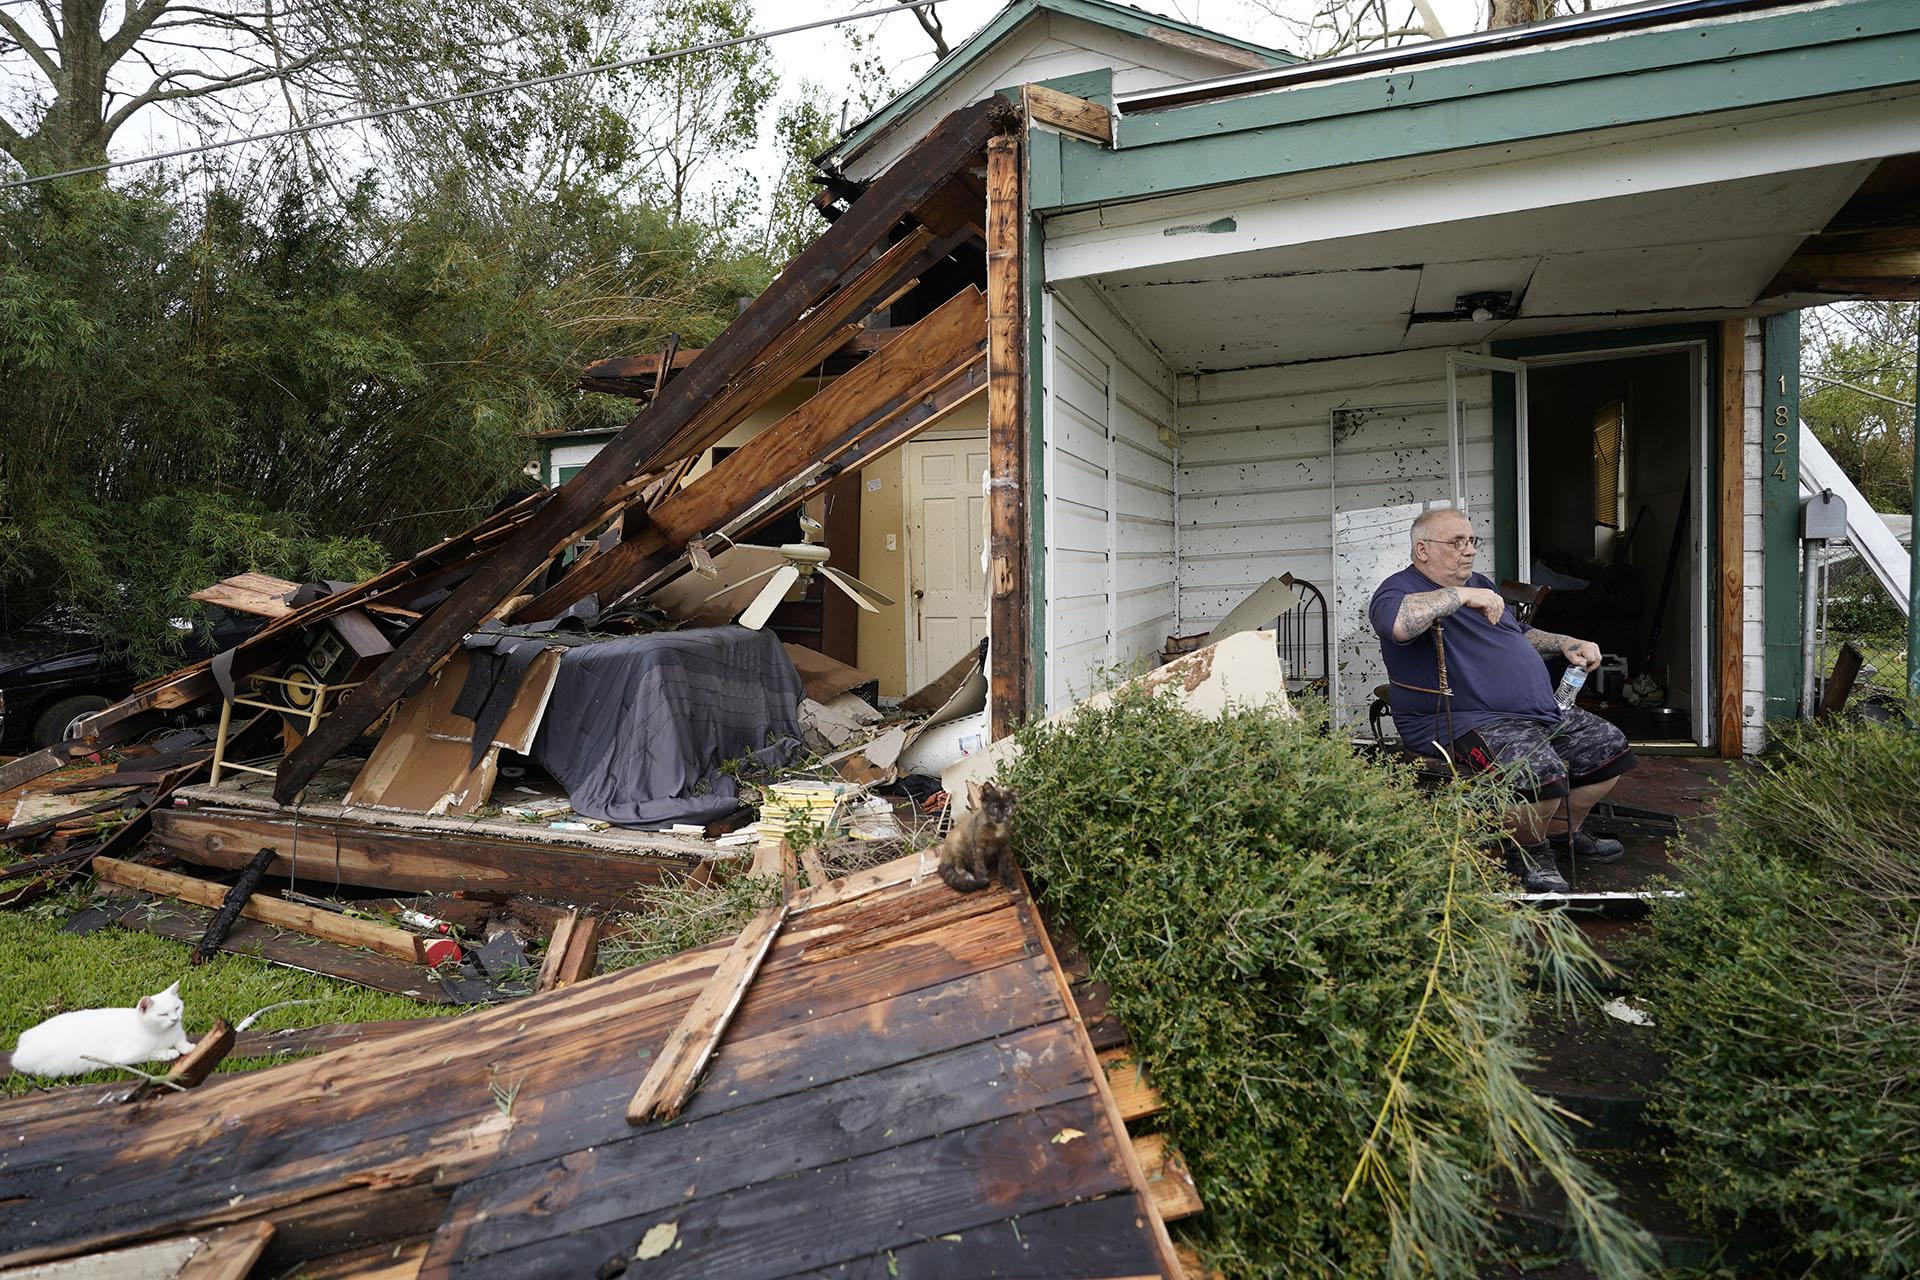 Chris Johnson ve la destrucción en su casa en Lake Charles después de que el huracán Laura atravesara el estado. Johnson se quedó en su casa mientras pasaba la tormenta. (Foto AP/Gerald Herbert)